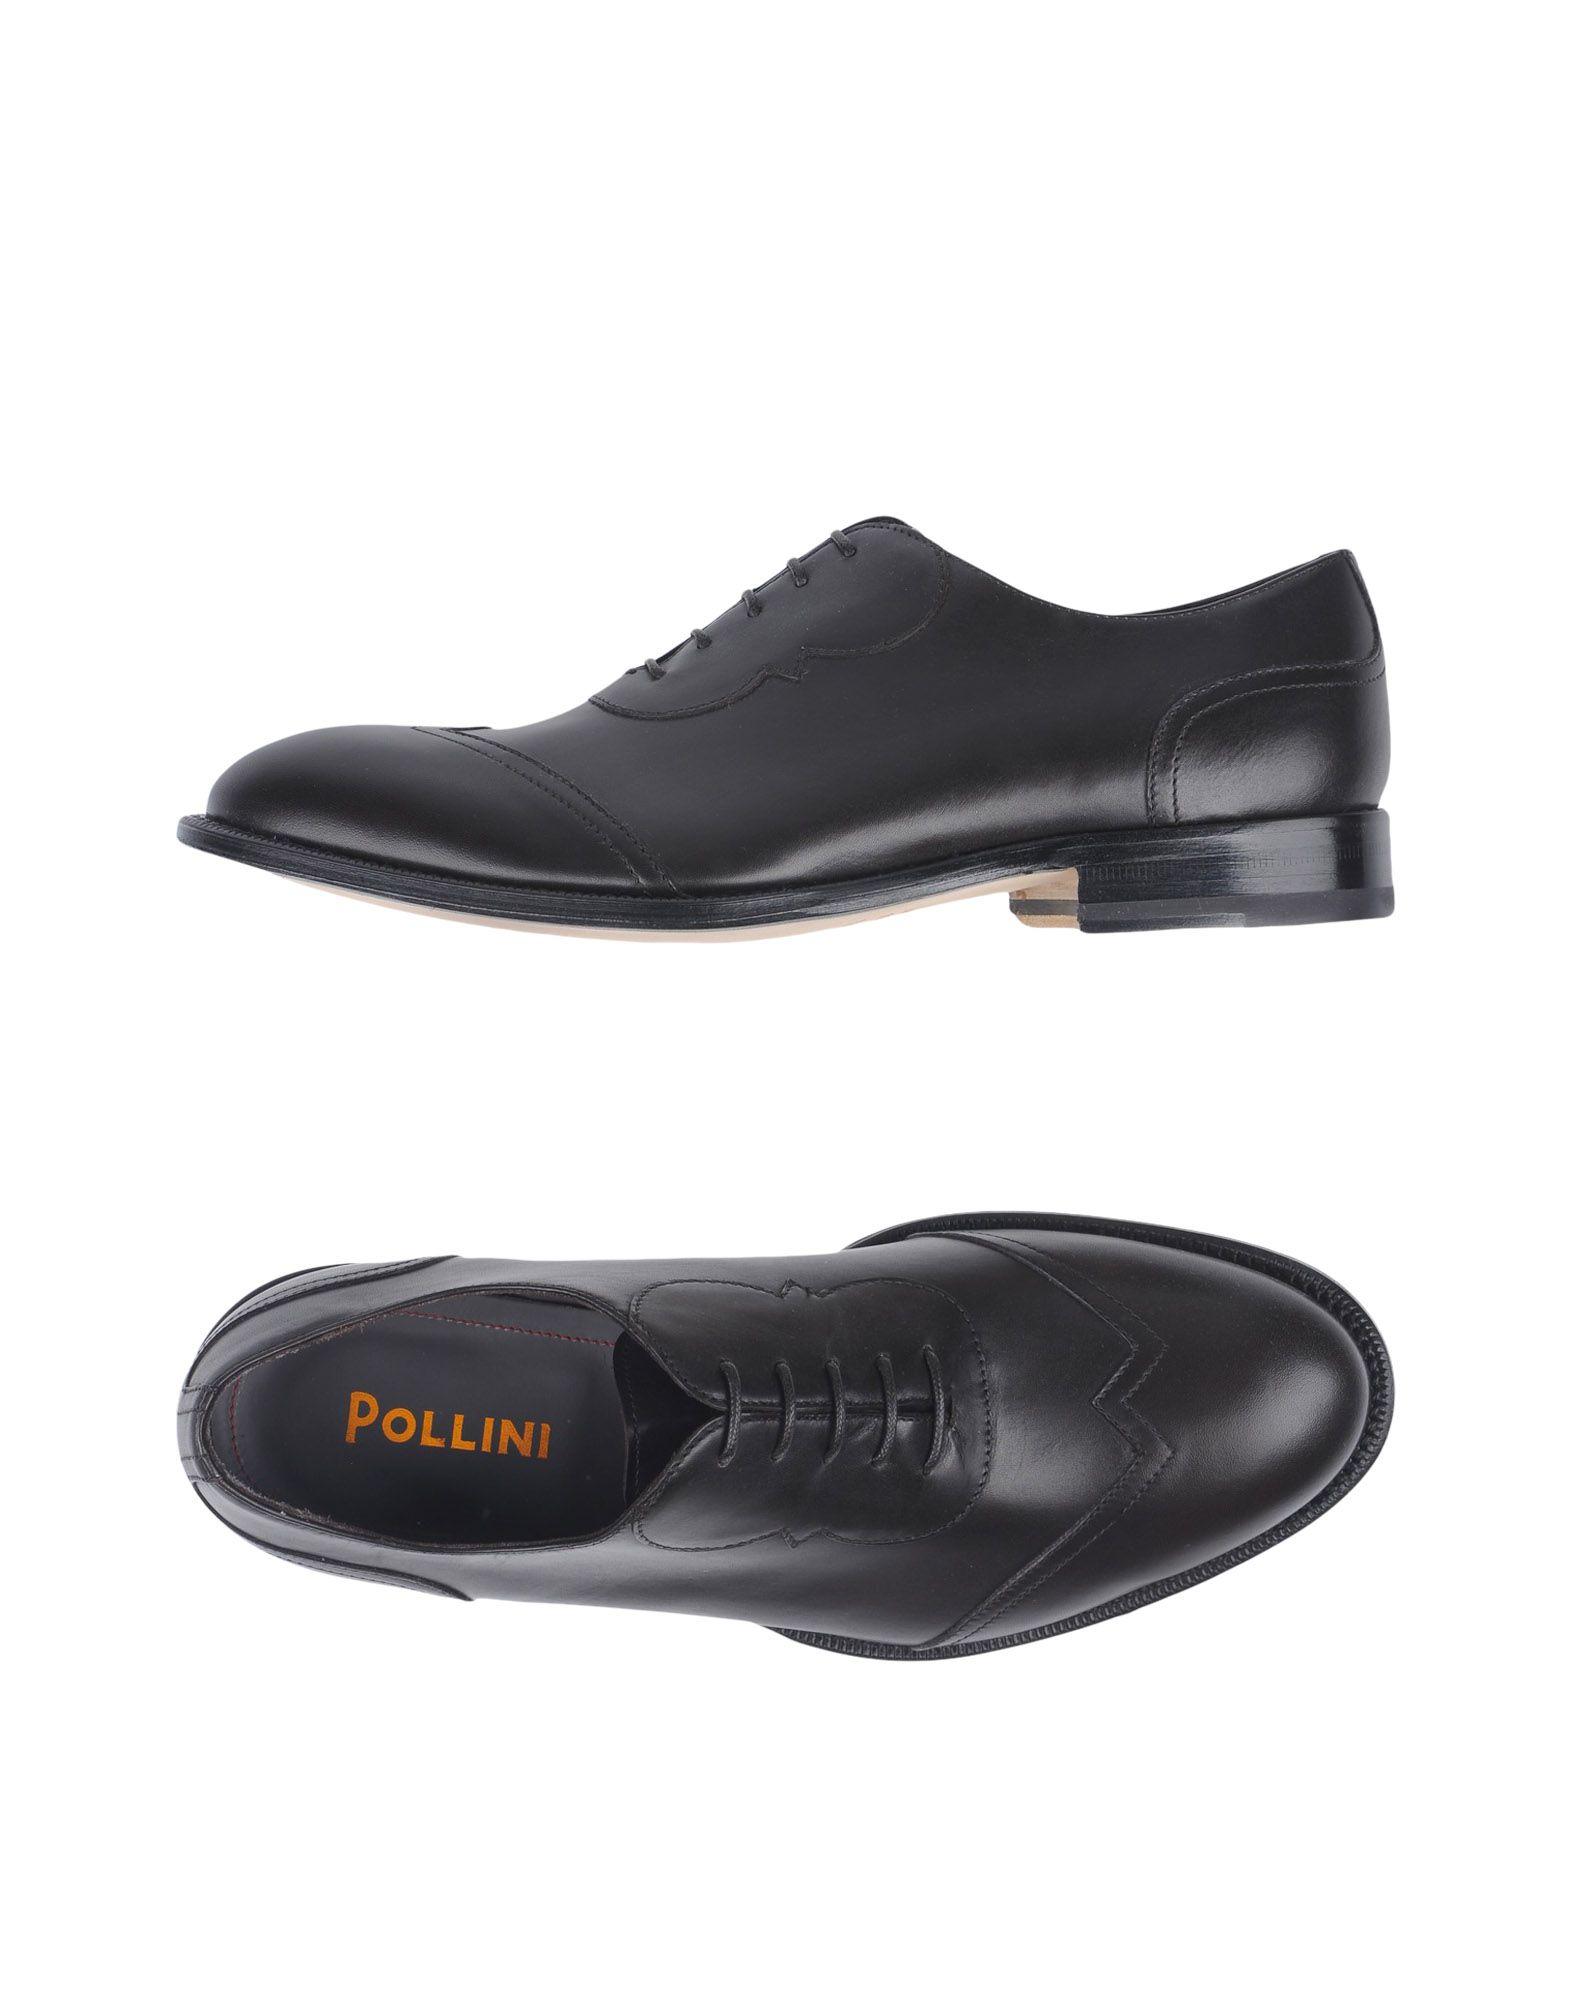 Los últimos zapatos de descuento para hombres y mujeres -  Zapato De Cordones Pollini Hombre - mujeres Zapatos De Cordones Pollini e32ffa